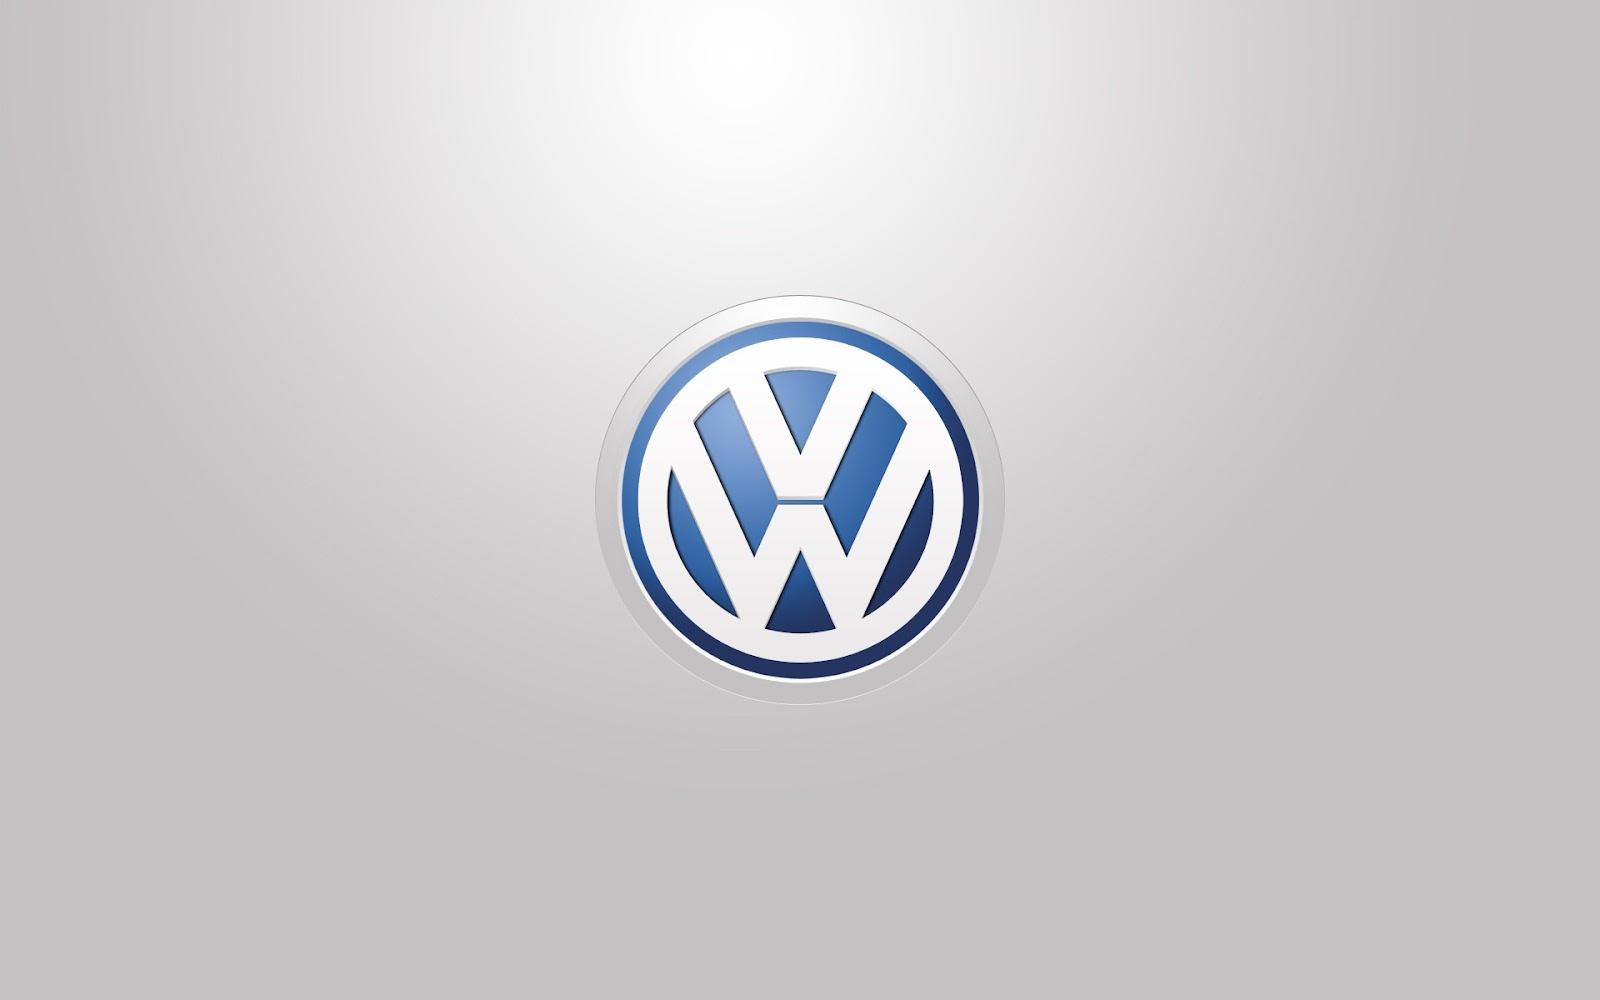 4bpblogspot KAFx3Afa Bg T4gqTvWsp2I Reviews Volkswagen Hd Wallpapers